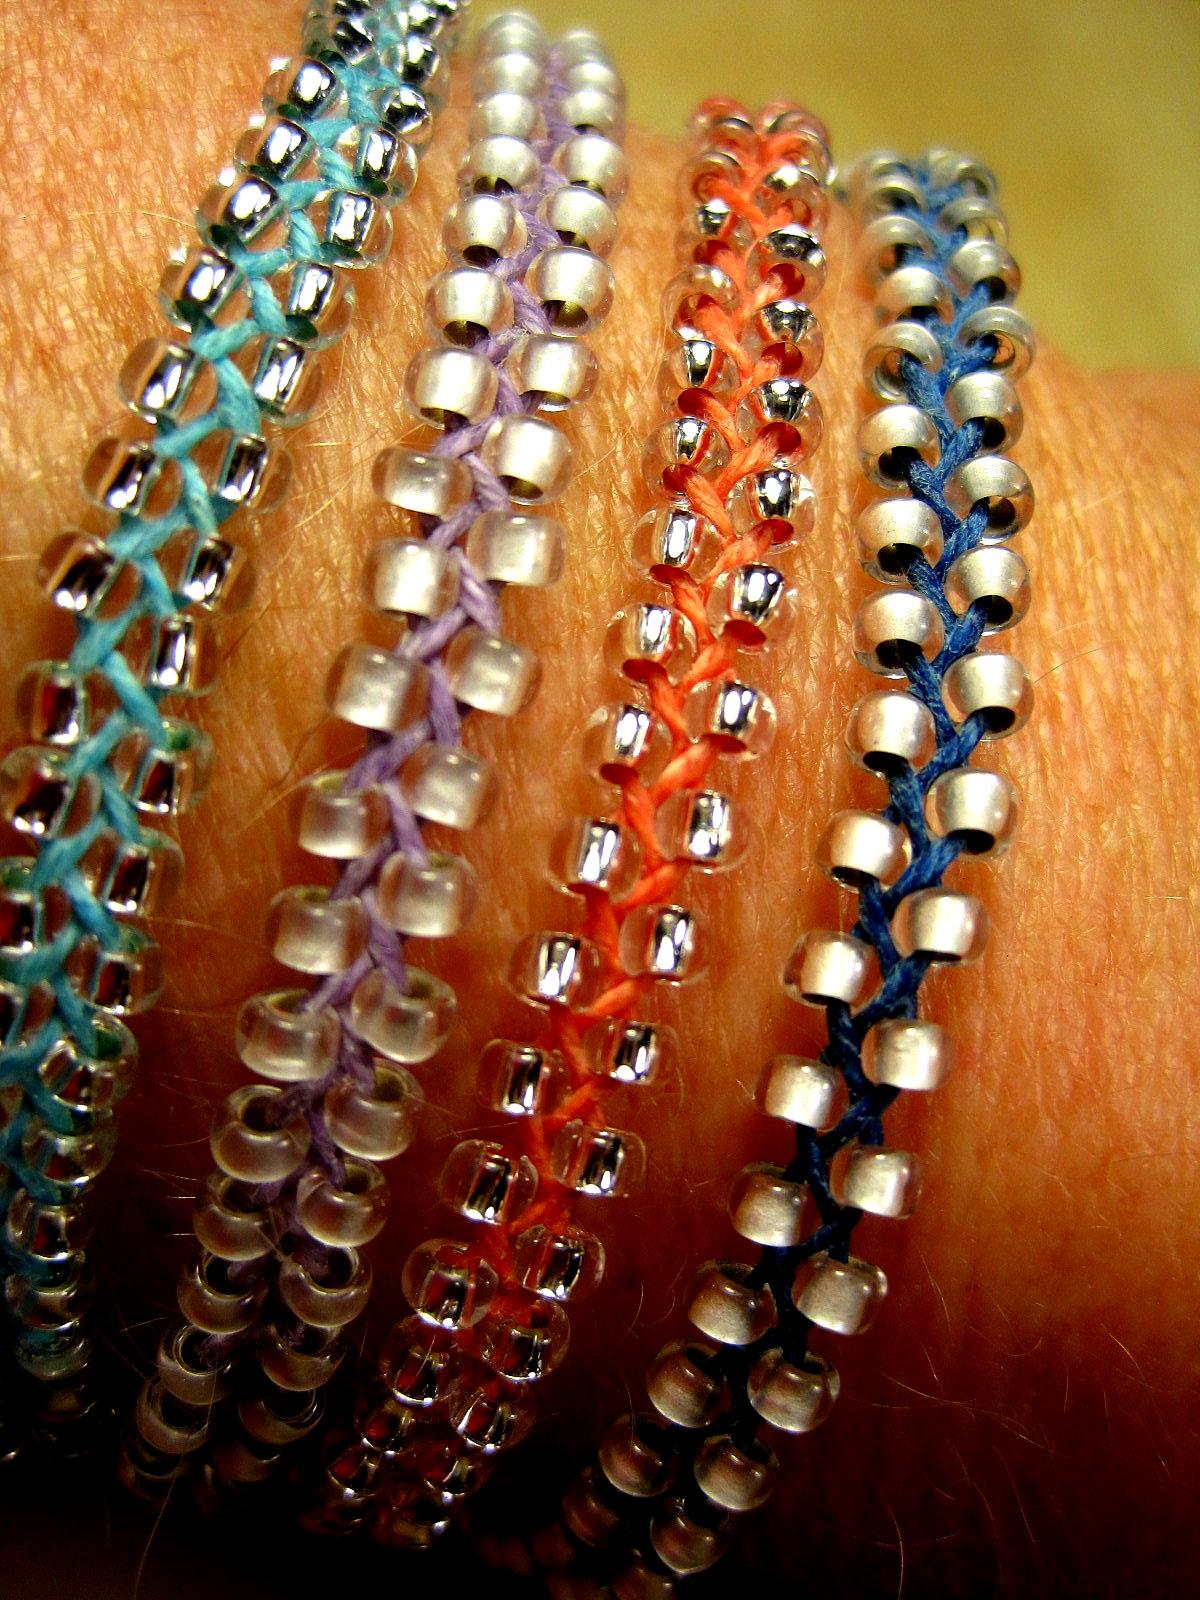 Braided Beaded Bracelets In 2020 Diy Bracelets Jewelry Projects Beaded Bracelets